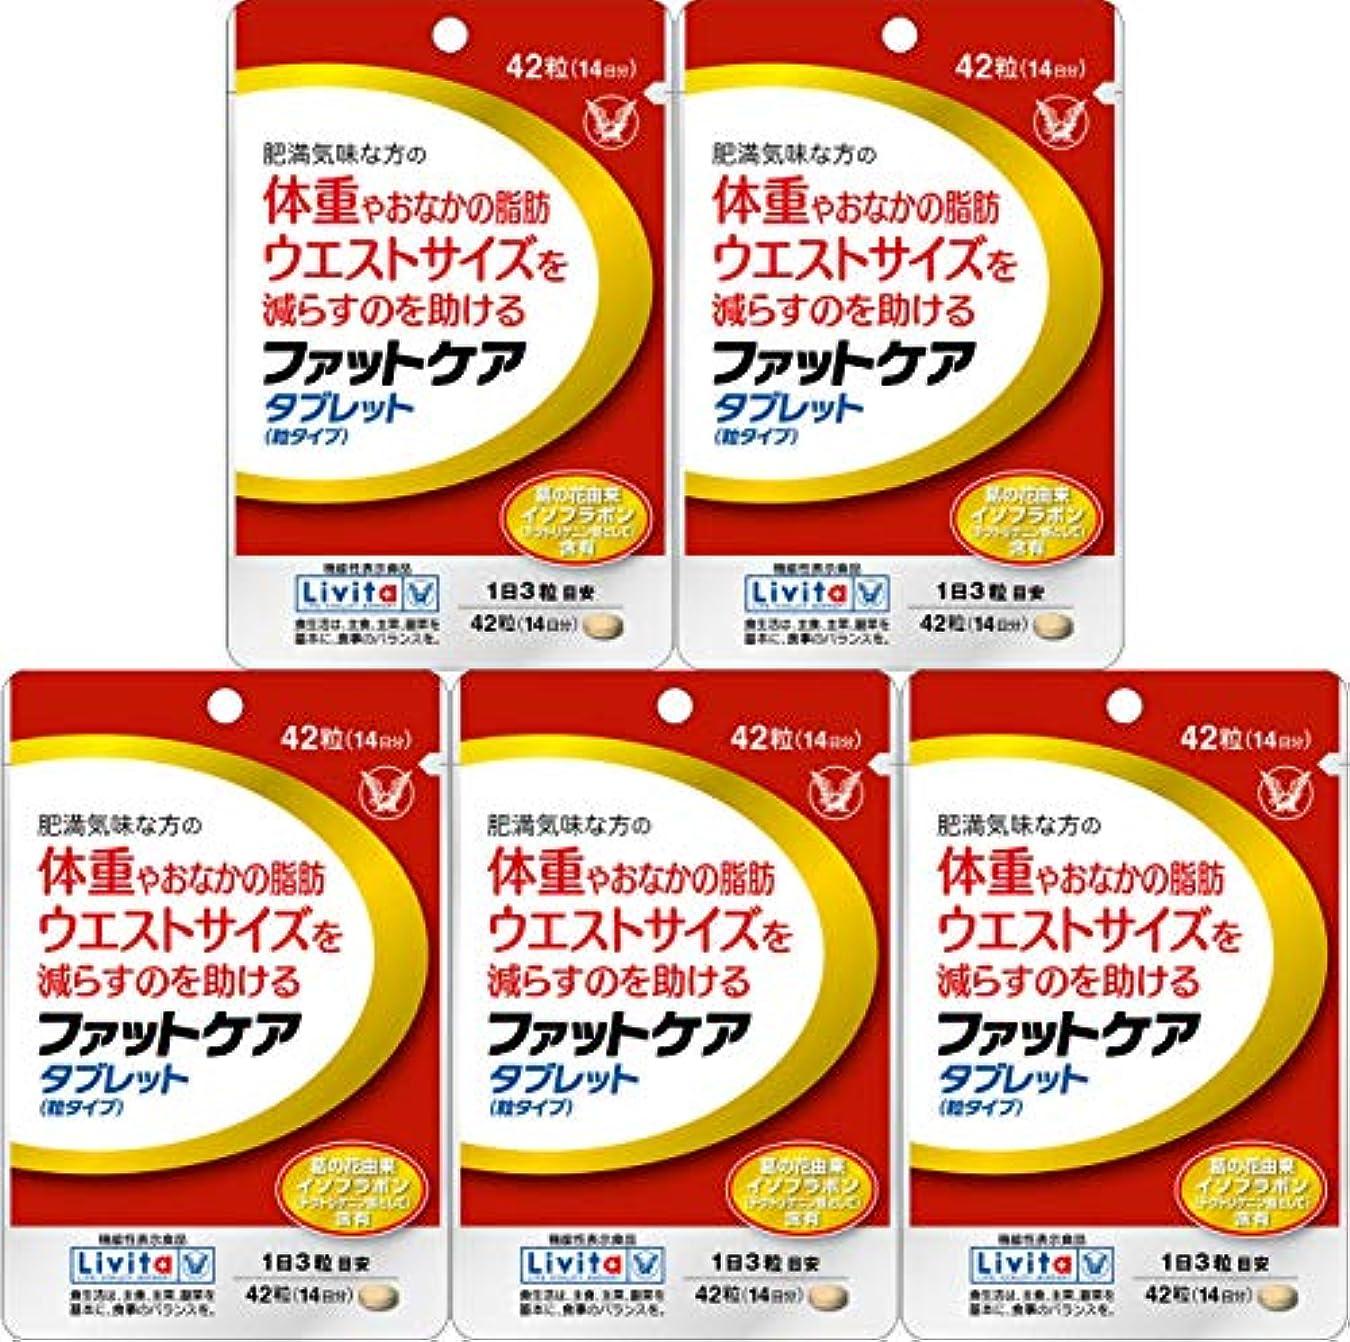 ログ異なるバルーン【5個セット】ファットケア タブレット 42粒(機能性表示食品)